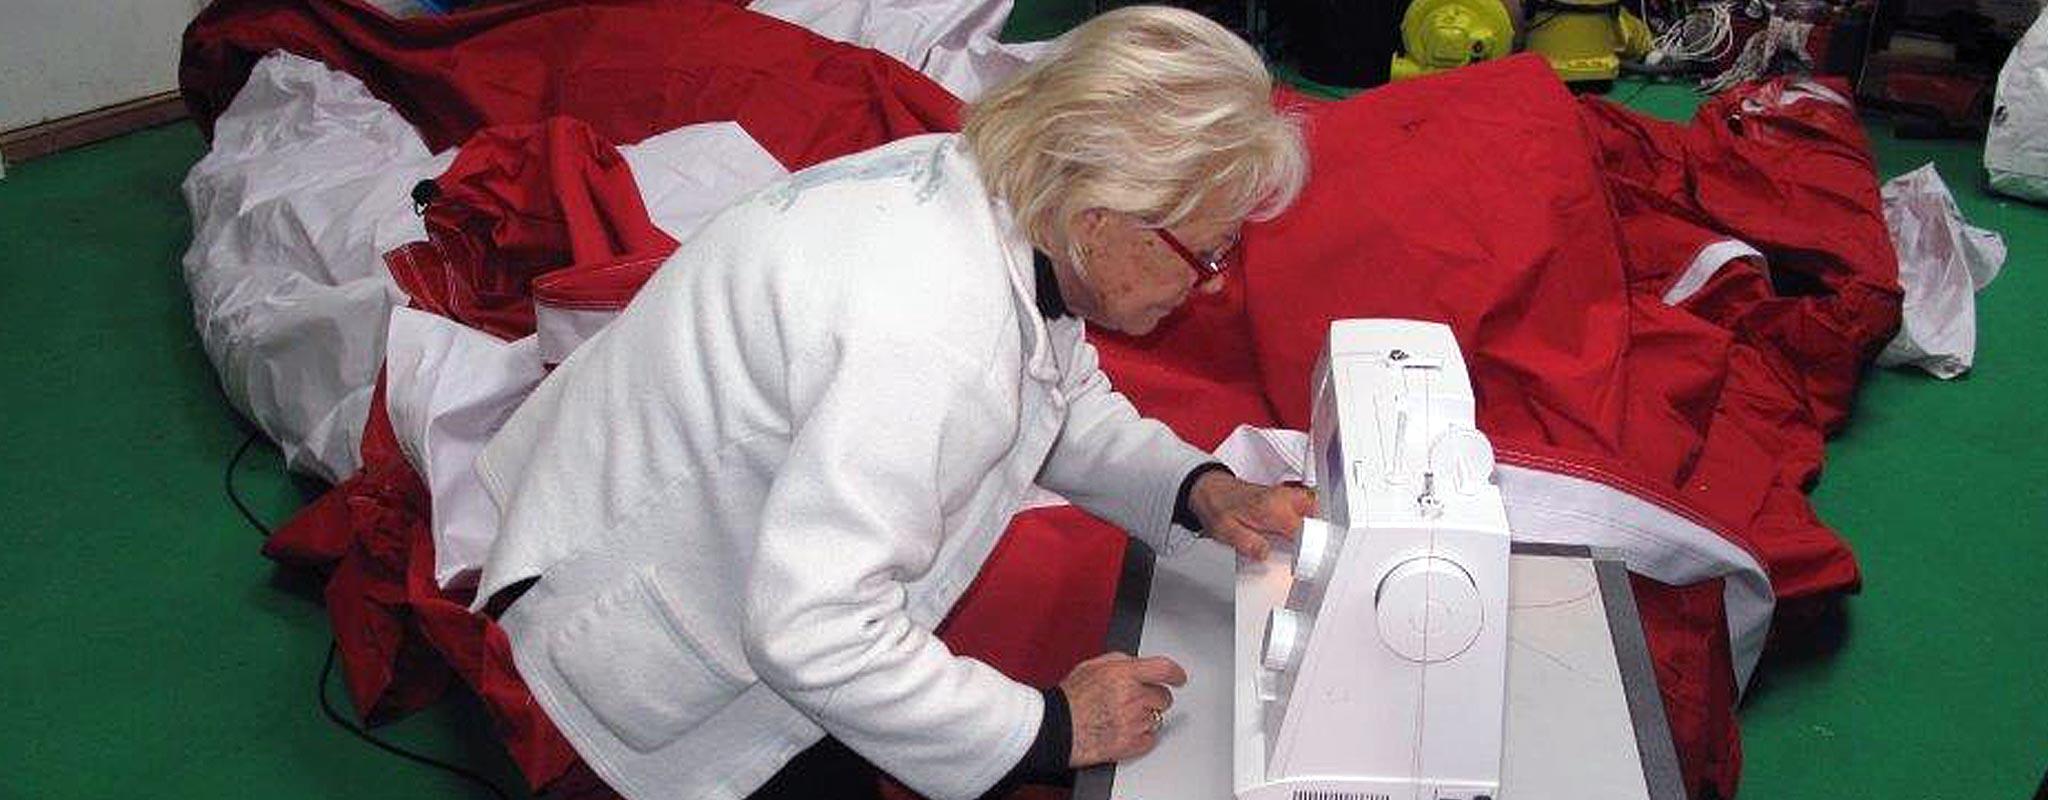 Couture sur toile parachute à la main ou à la machine